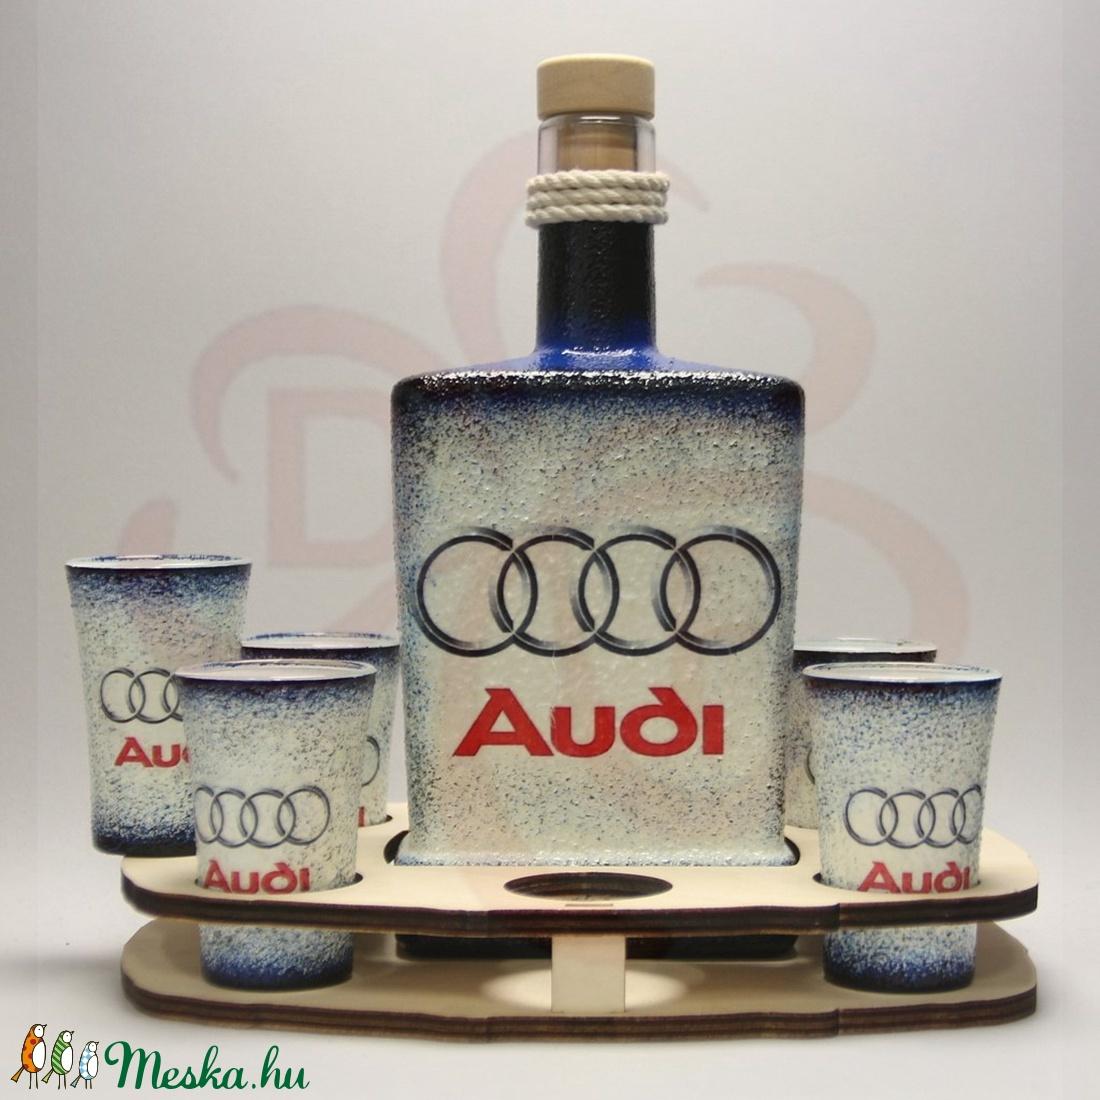 Audi whiskys készlet audi autó rajongóknak - Meska.hu